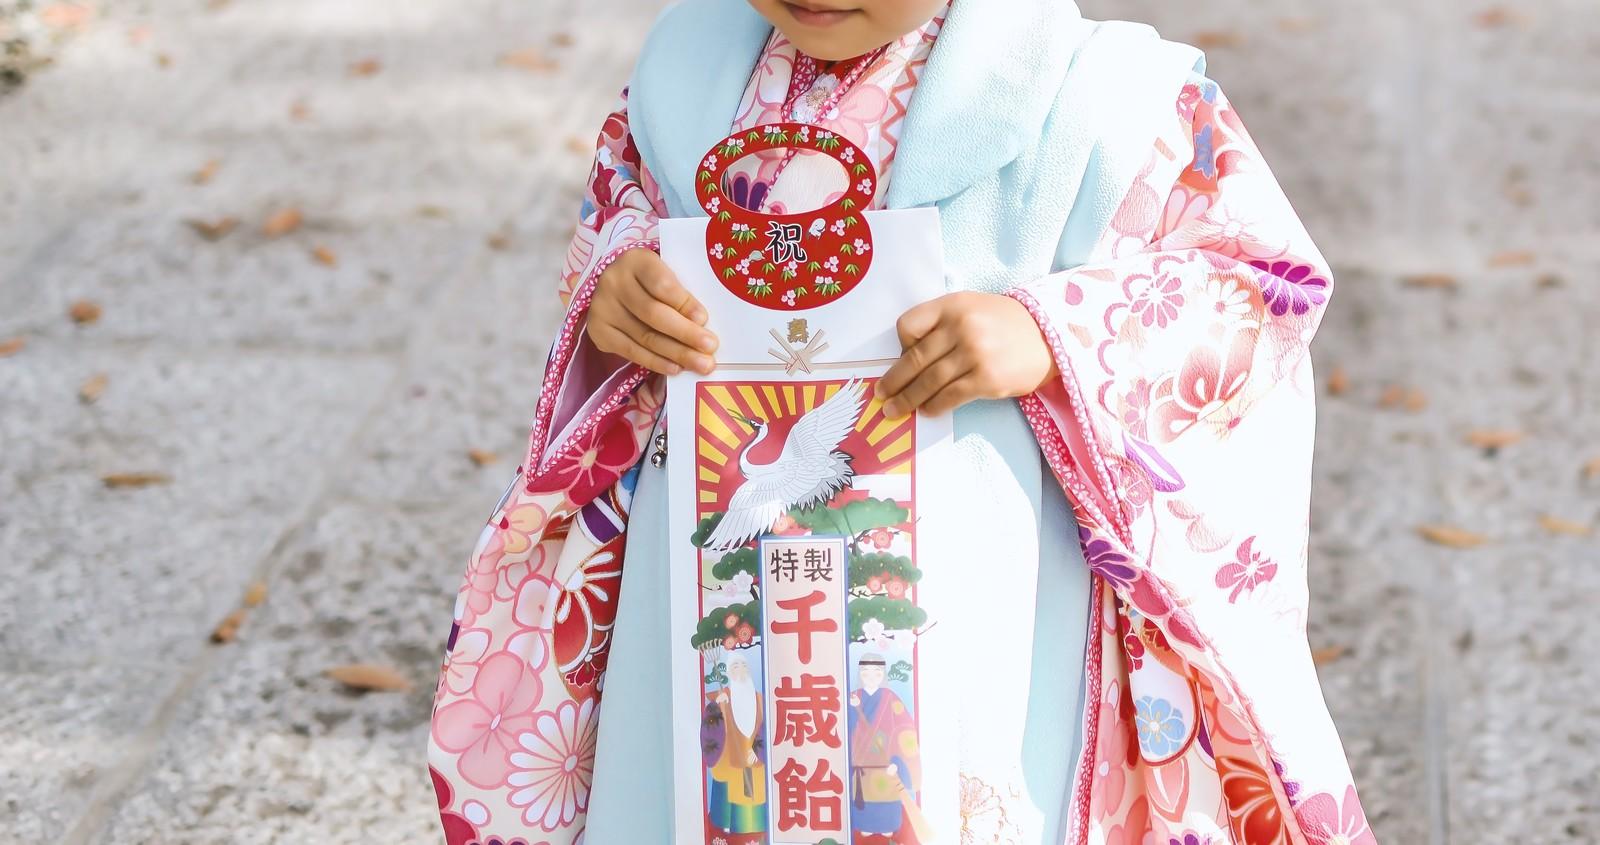 七五三の親の服装は ユニクロで賢くおしゃれママに!5つのコツとは?